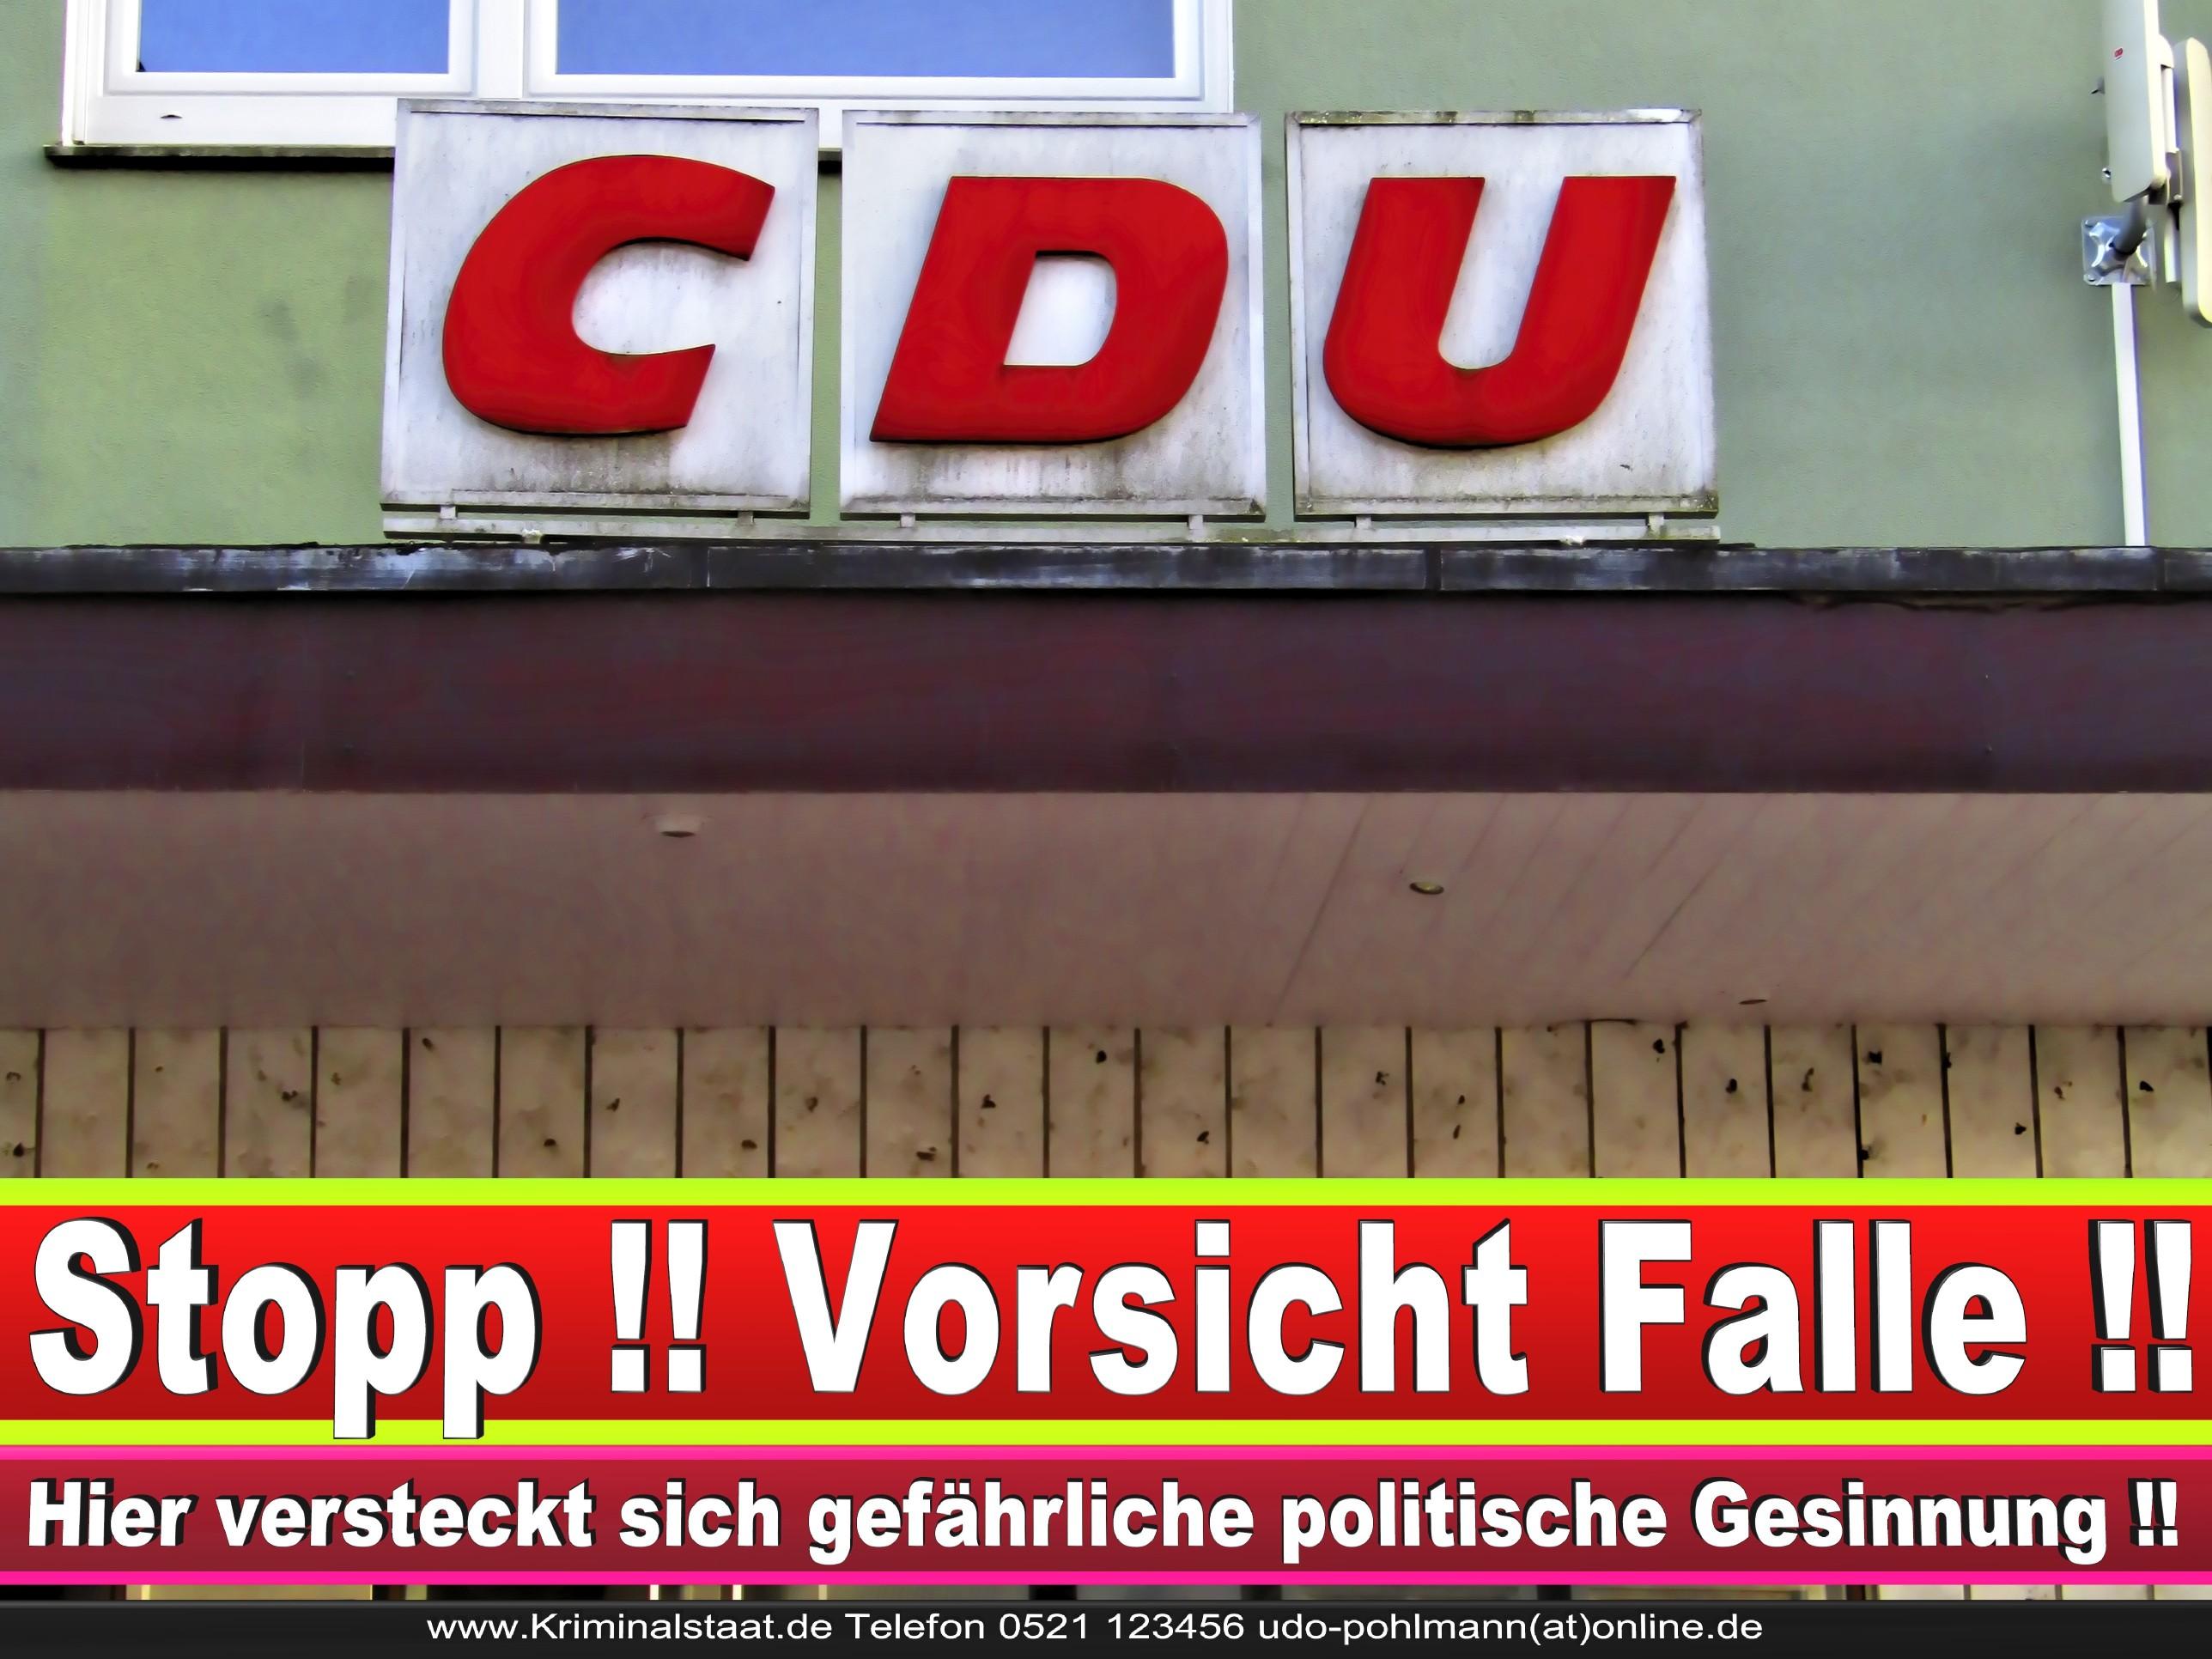 CDU Gemeindeverband Steinhagen Am Markt 13 33803 Steinhagen NRW Ortsverband CDU Steinhagen 4